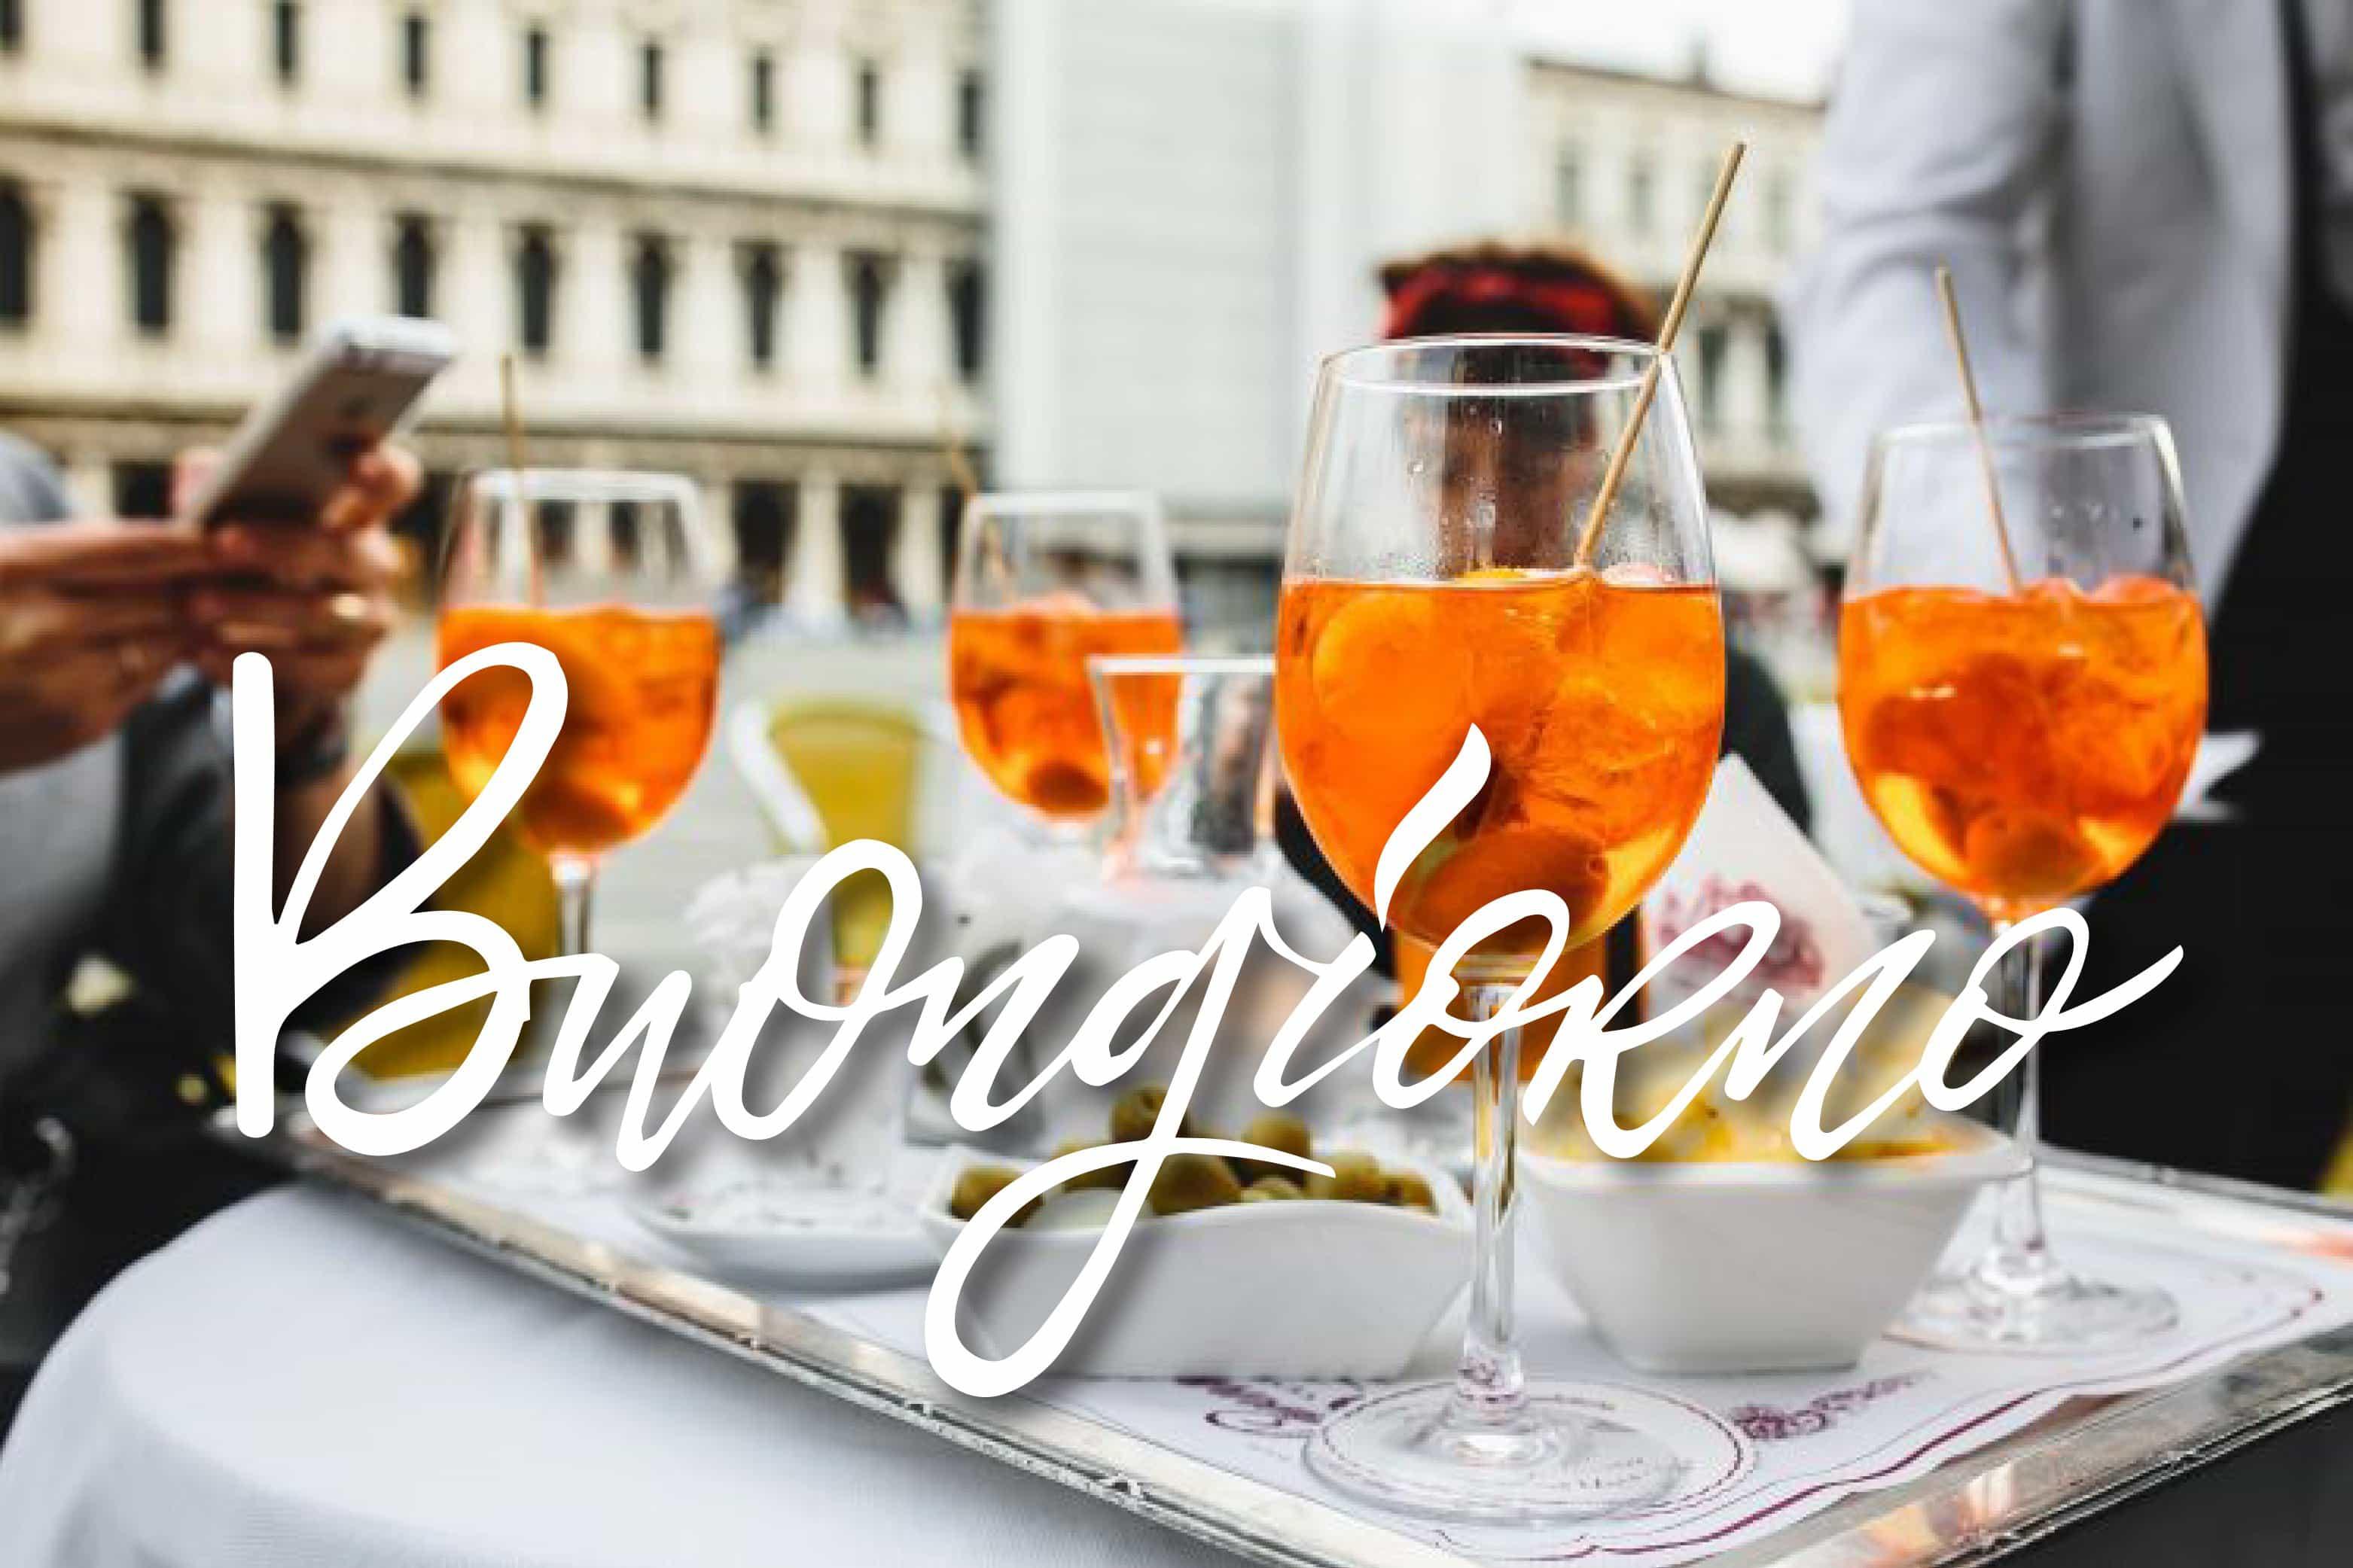 Foto bellissimo con cocktail per augurare buongiorno